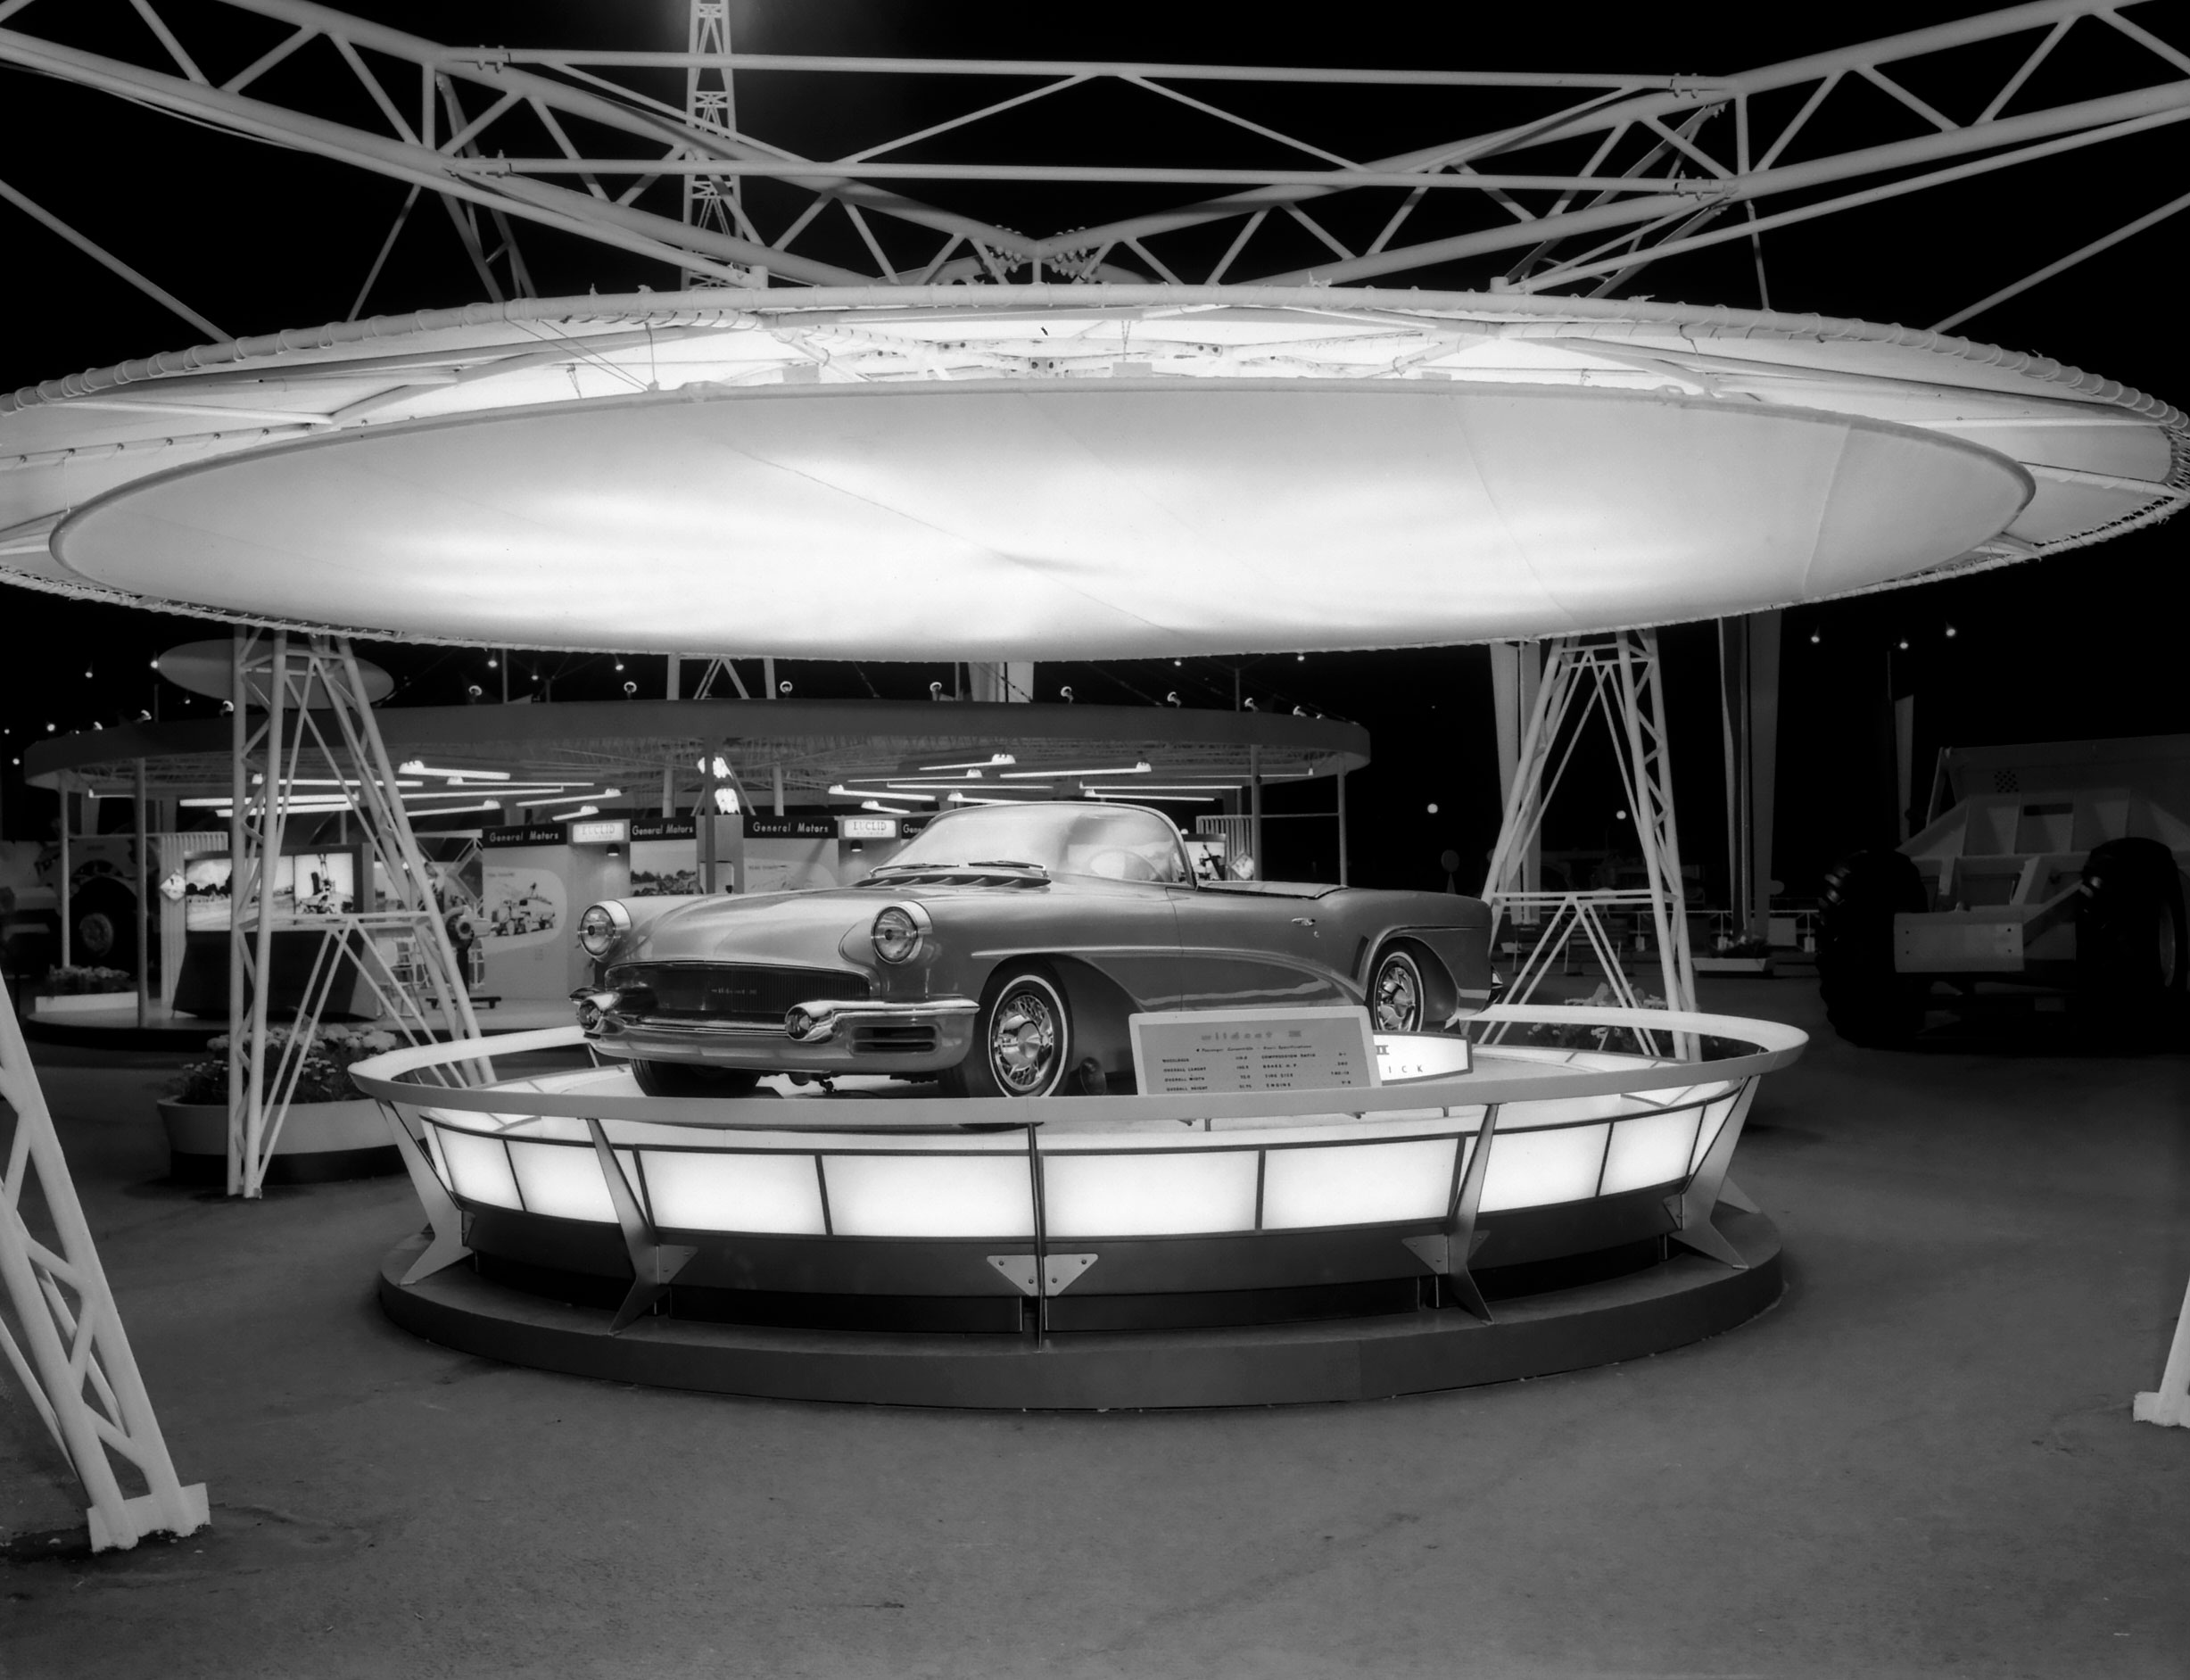 1955 Buick Wildcat III Concept design photo